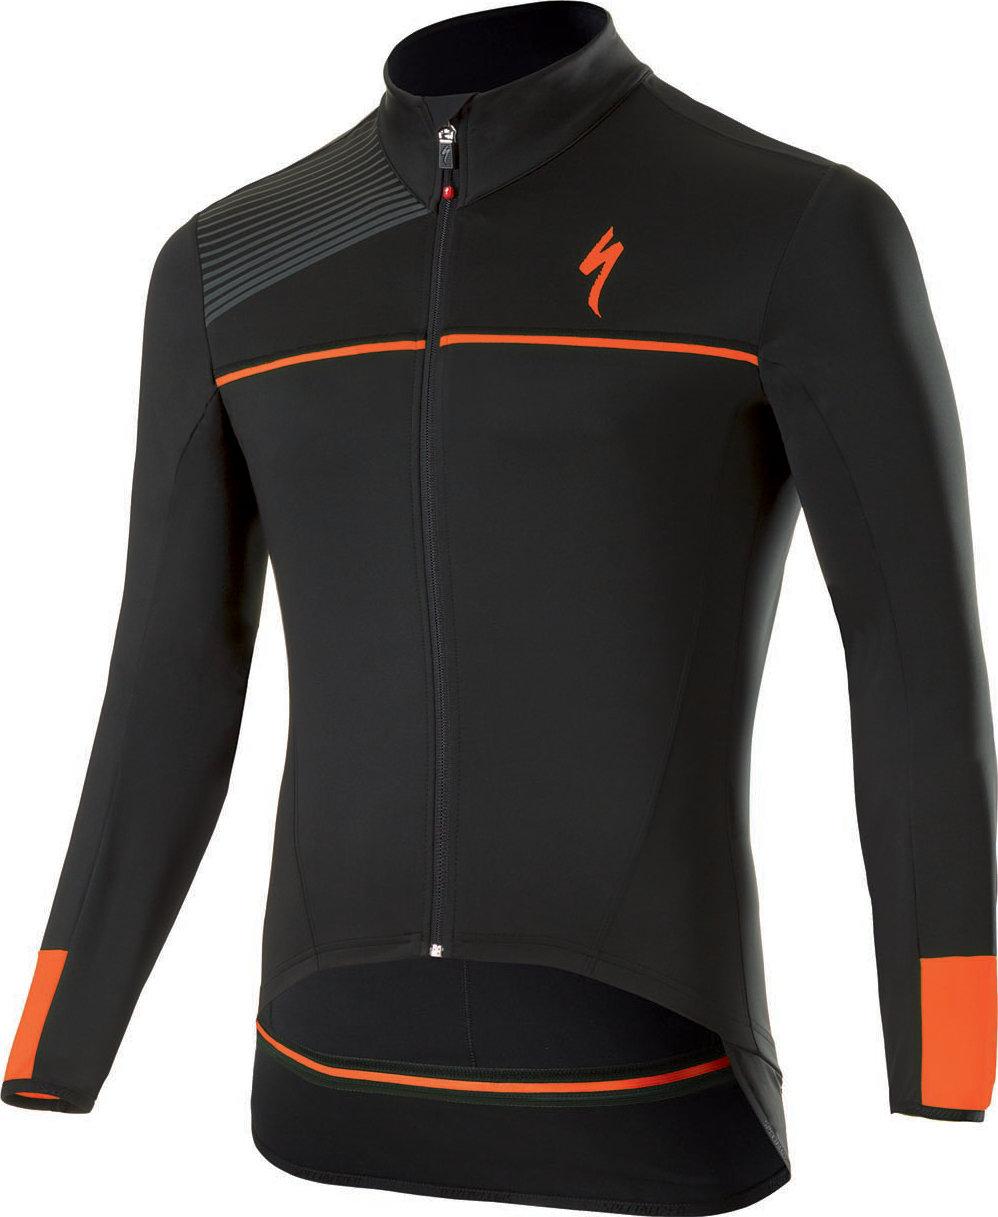 Specialized Element SL Elite WR jersey LS Black/Neon Orange XL - Alpha Bikes